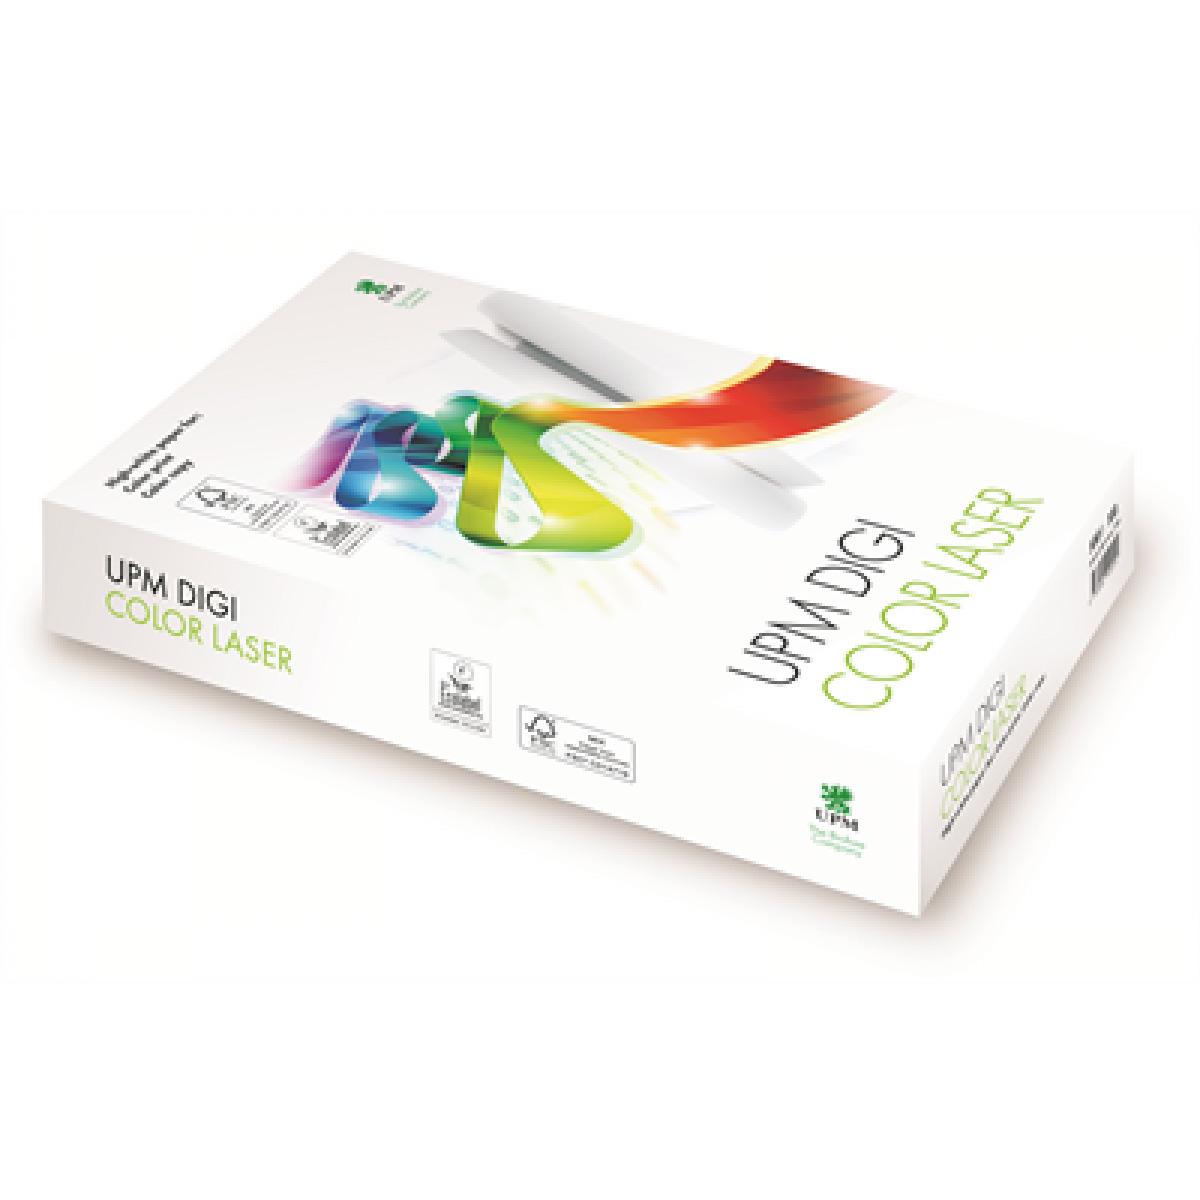 Бумага Digi Color Laser A4 250гр./м2., 125листов UPM - фото 1